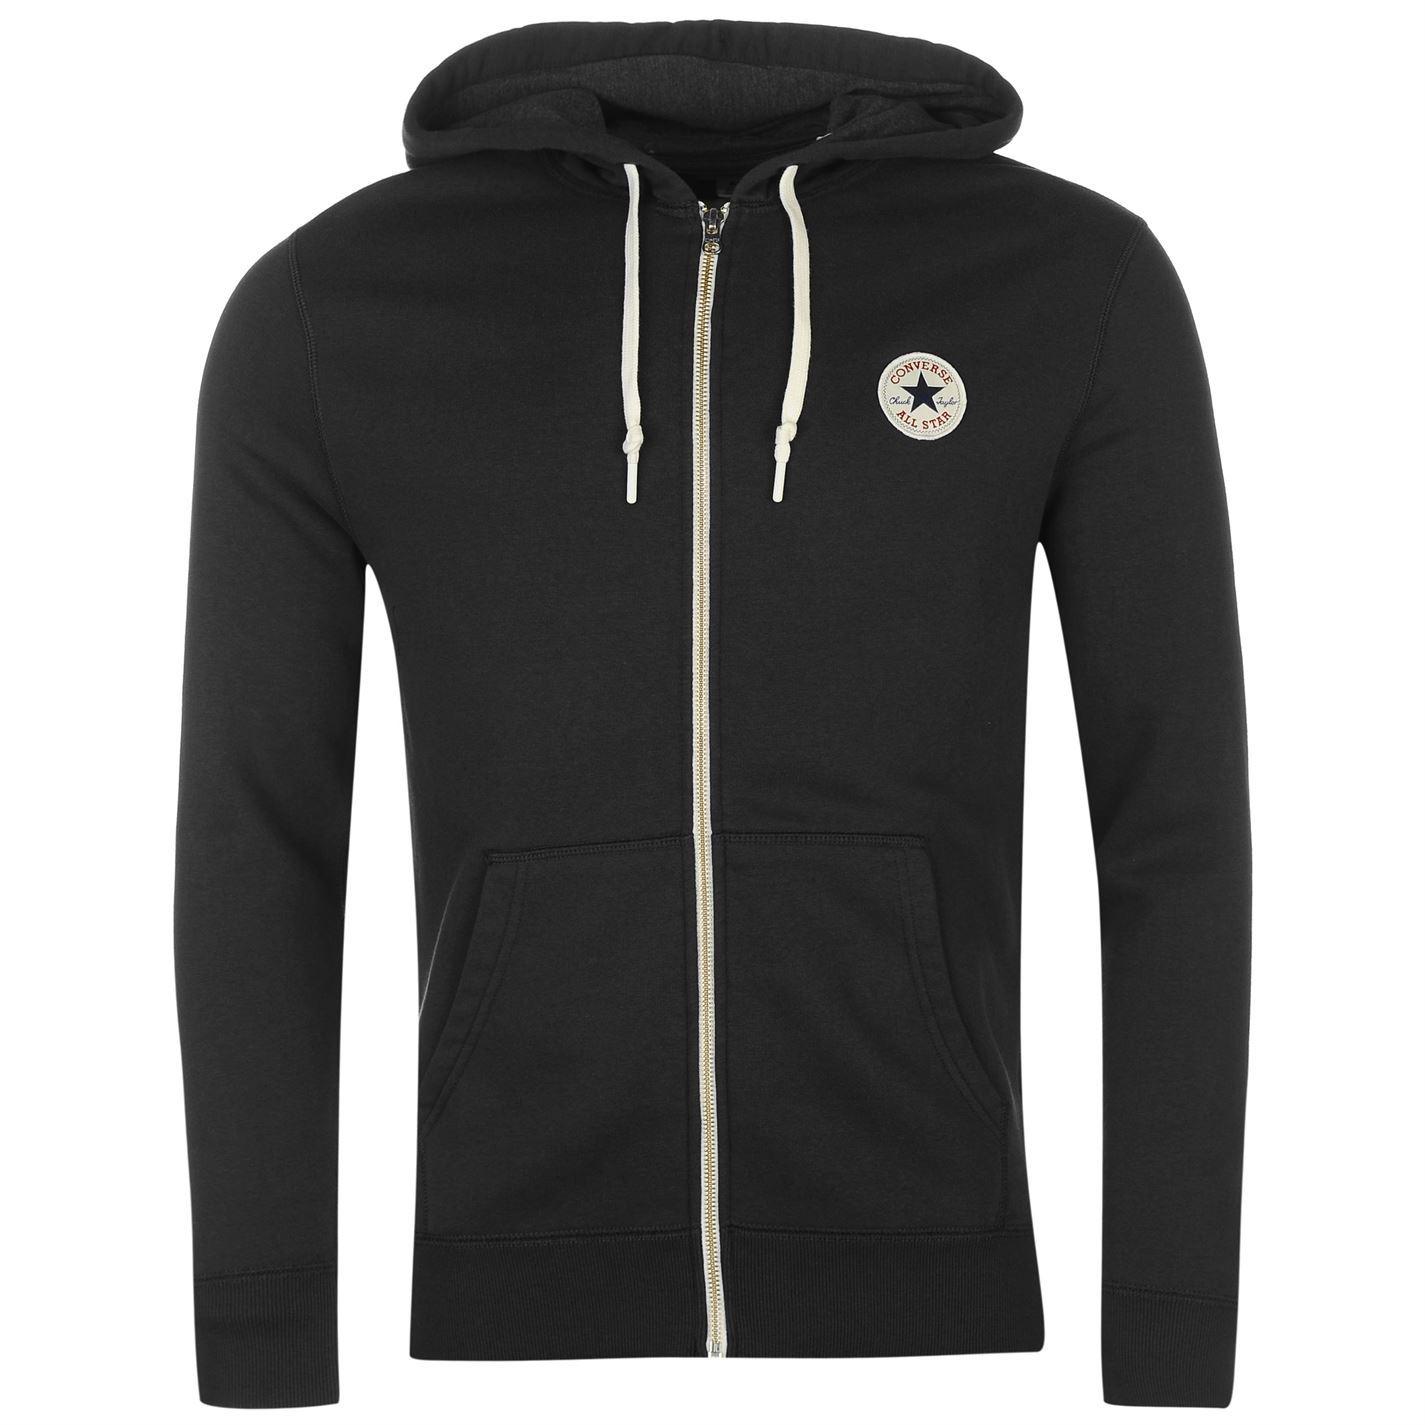 thumbnail 7 - Converse Core Full Zip Hoody Jacket Mens Hoodie Sweatshirt Sweater Hooded Top